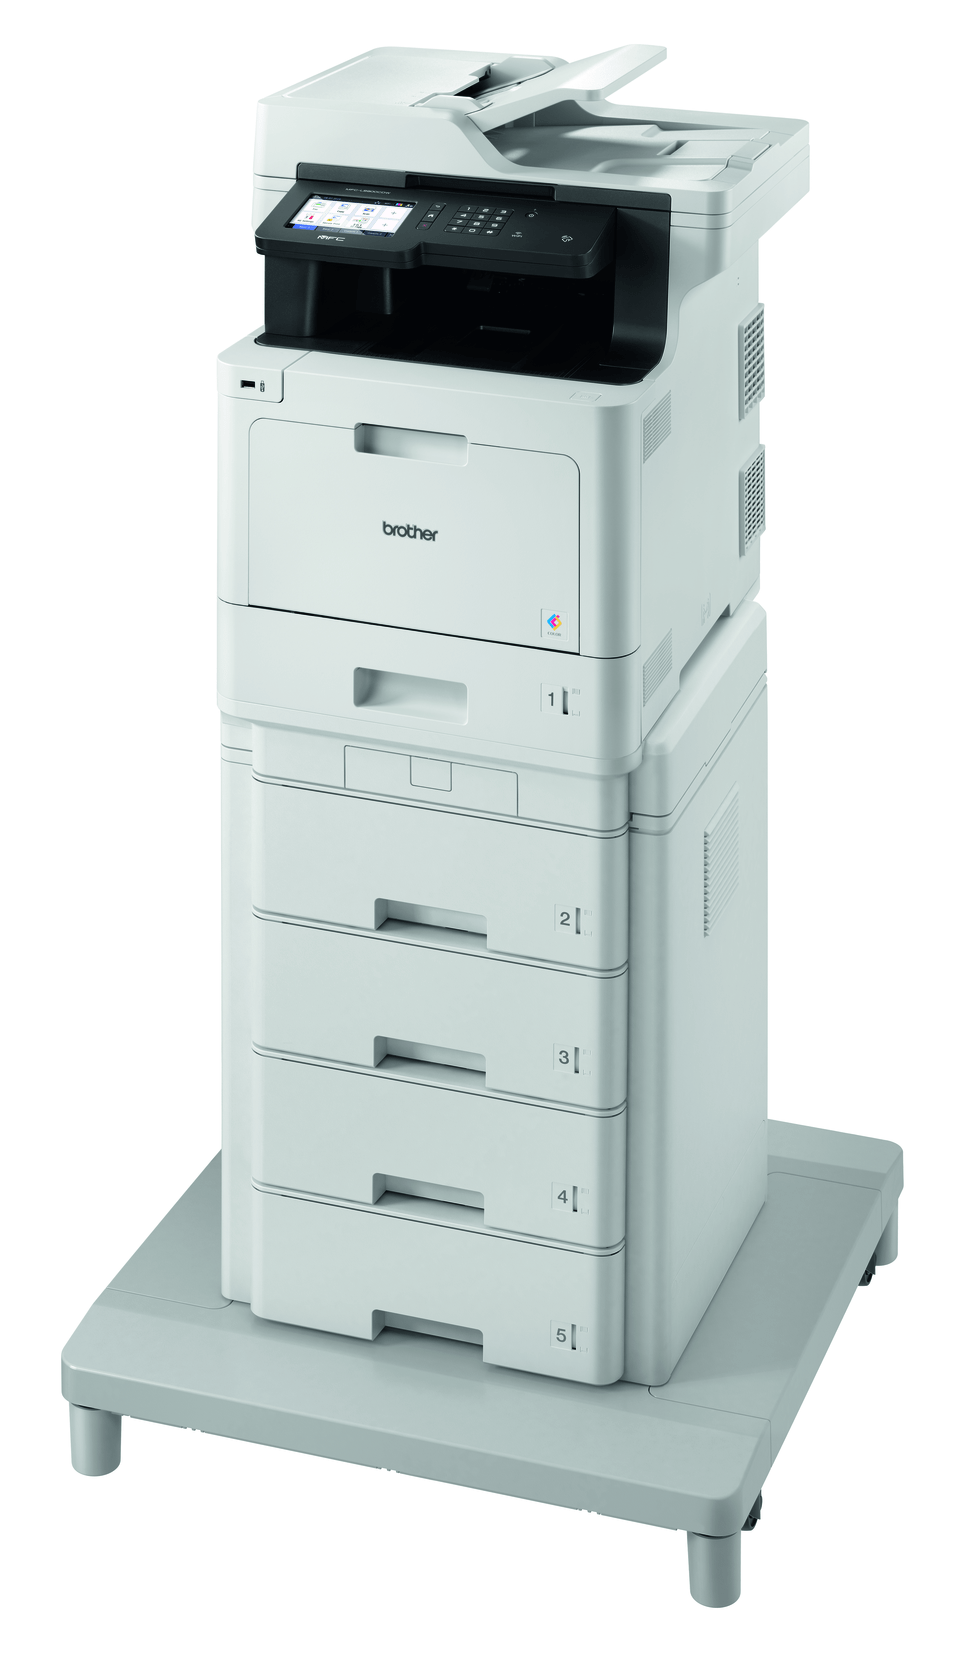 MFC-L8900CDWMT er en professionel alt-i-én laserprinter med dobbeltsidet print og trådløst netkort. 2